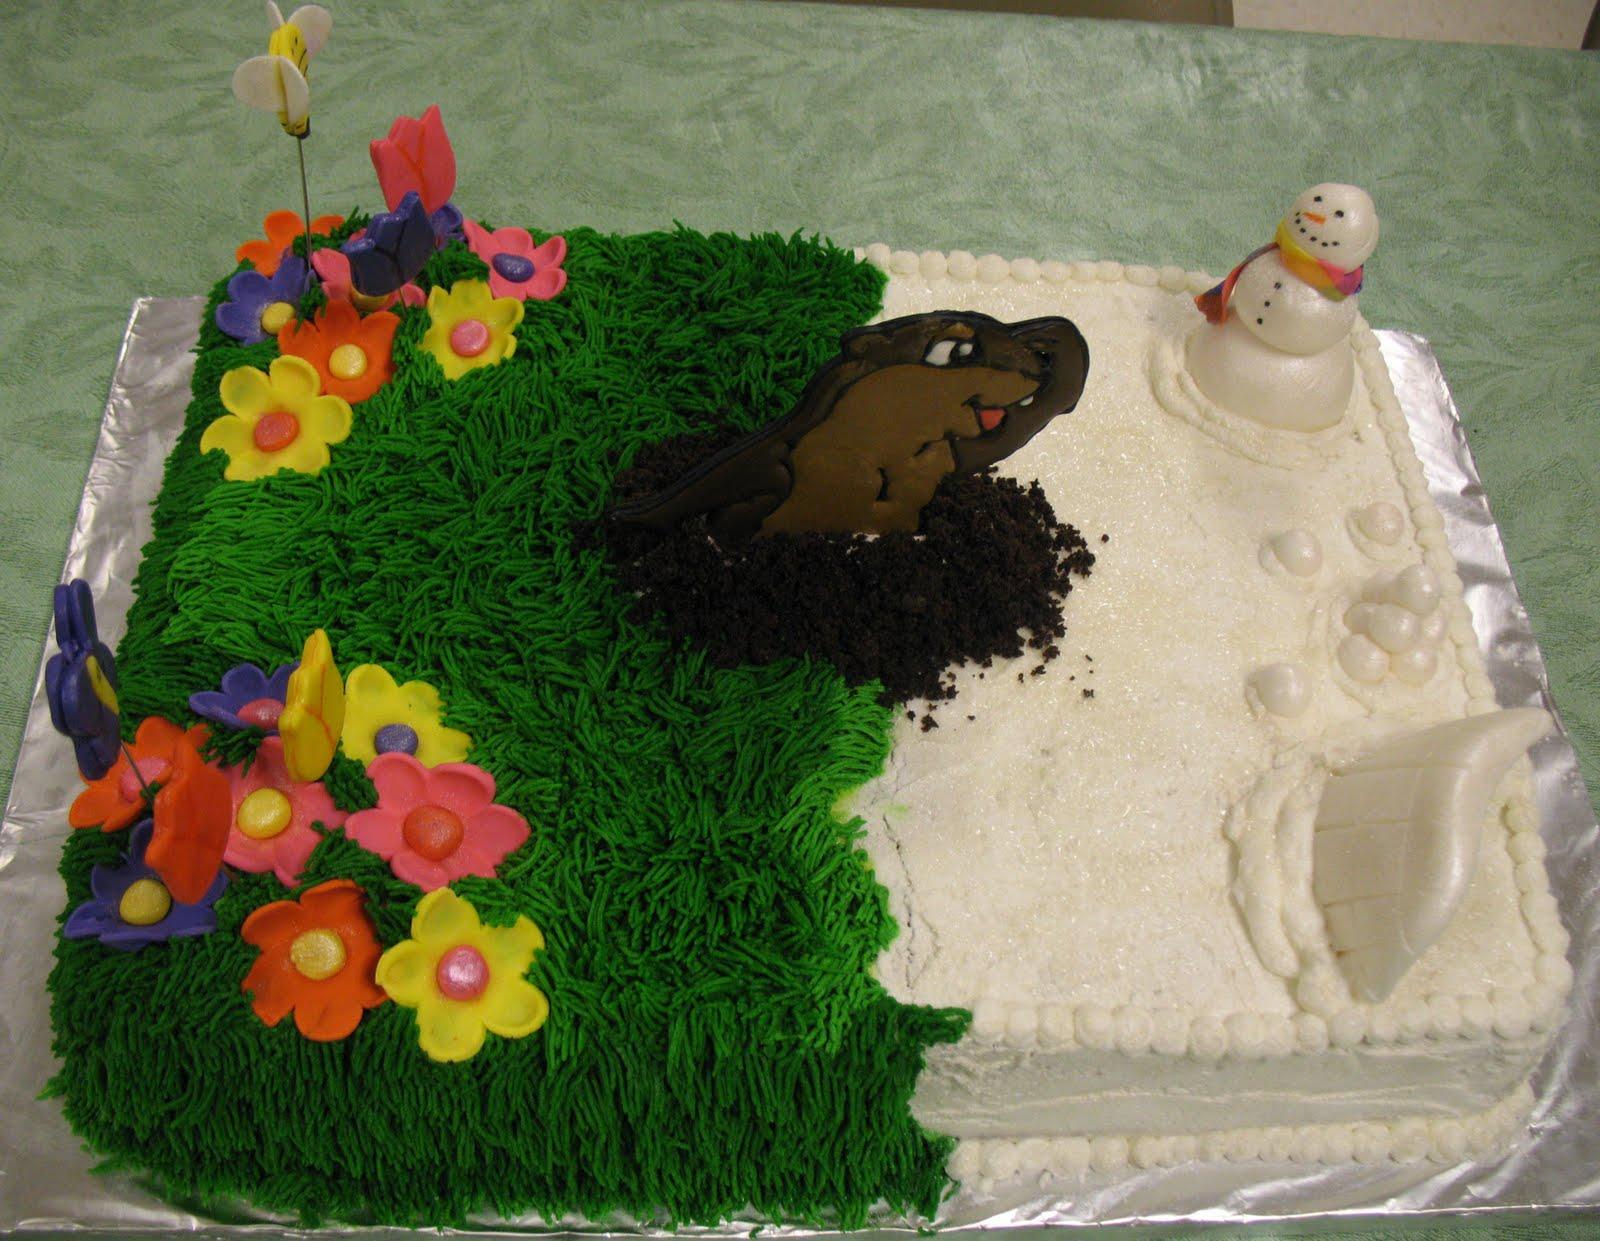 J's Cakes: Punxatawny Phil Cake